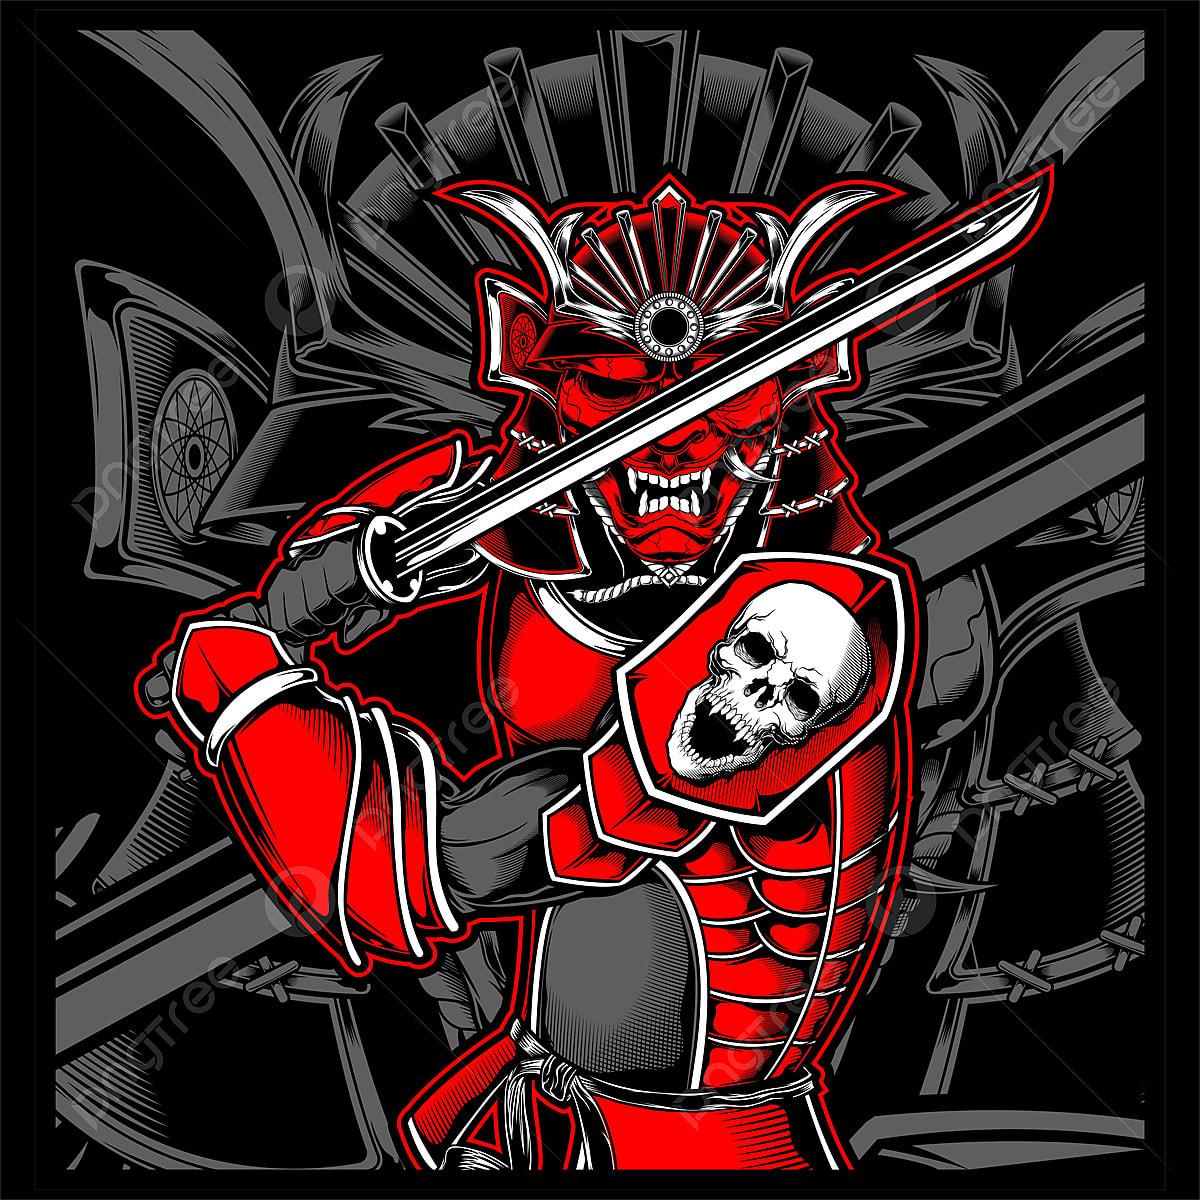 Gambar Ilustrasi Jepun Tengkorak Samurai Tengkorak Samurais Pahlawan Png Dan Vektor Untuk Muat Turun Percuma